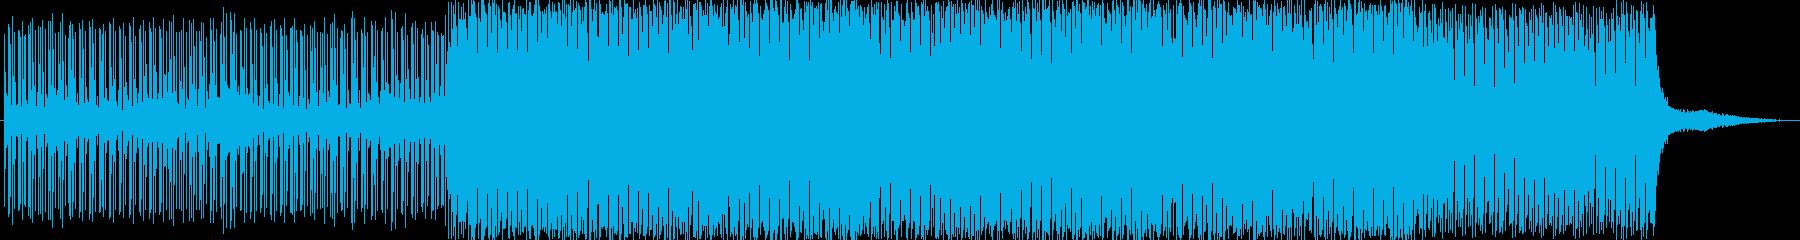 ドリーミング、アルペジオ、シーケン...の再生済みの波形